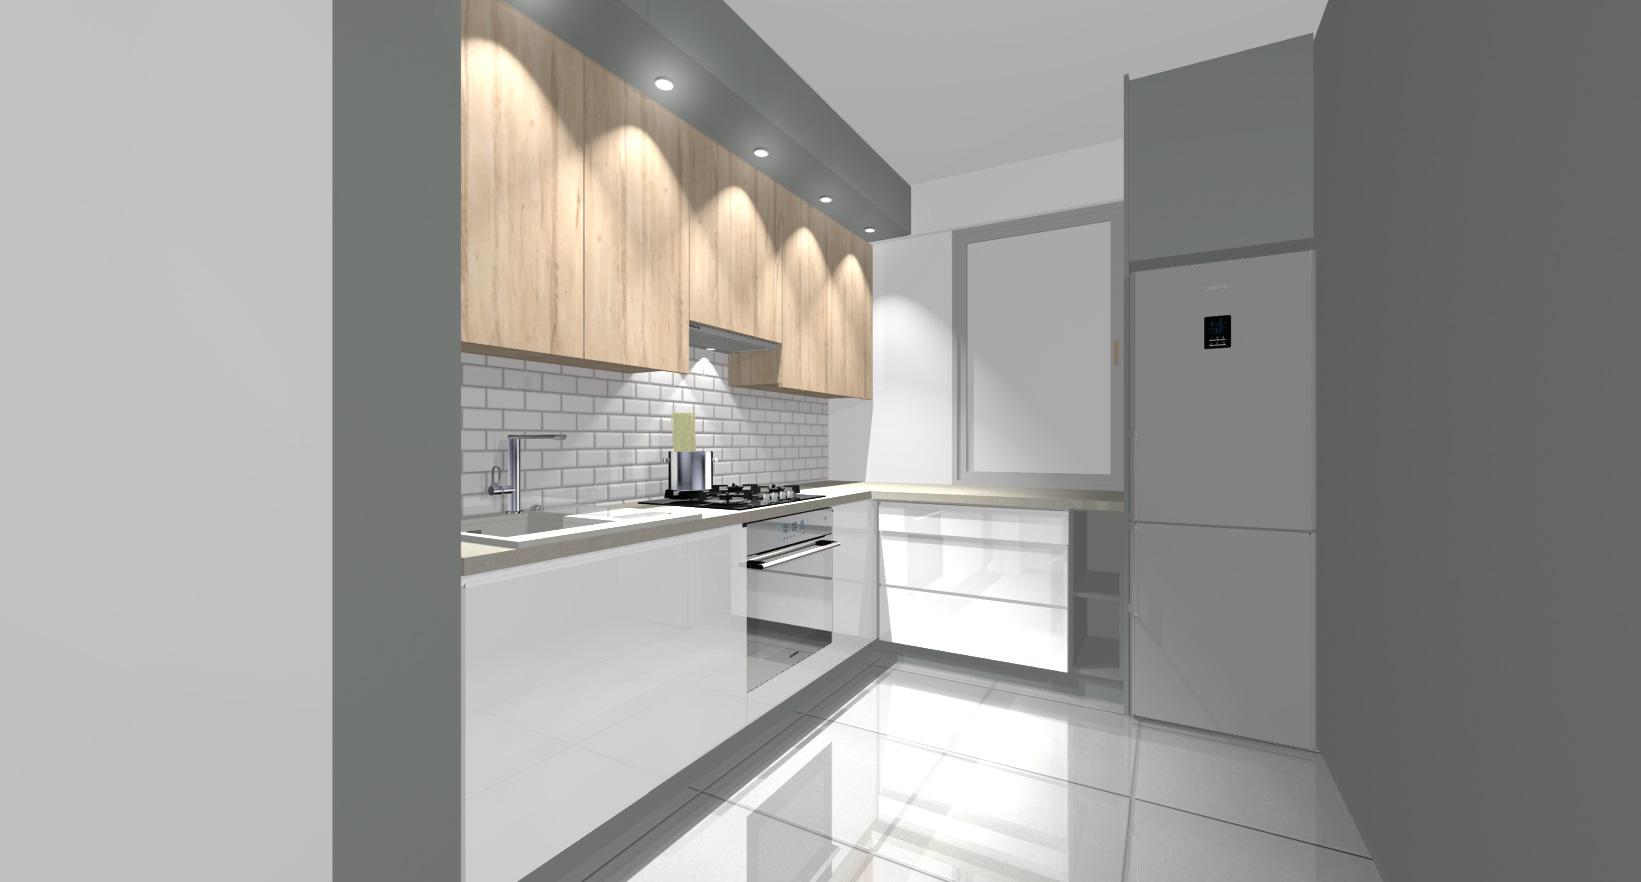 Kuchnia Pod Sufit Meenut Com Najlepszy Pomysl Na Projekt Kuchni